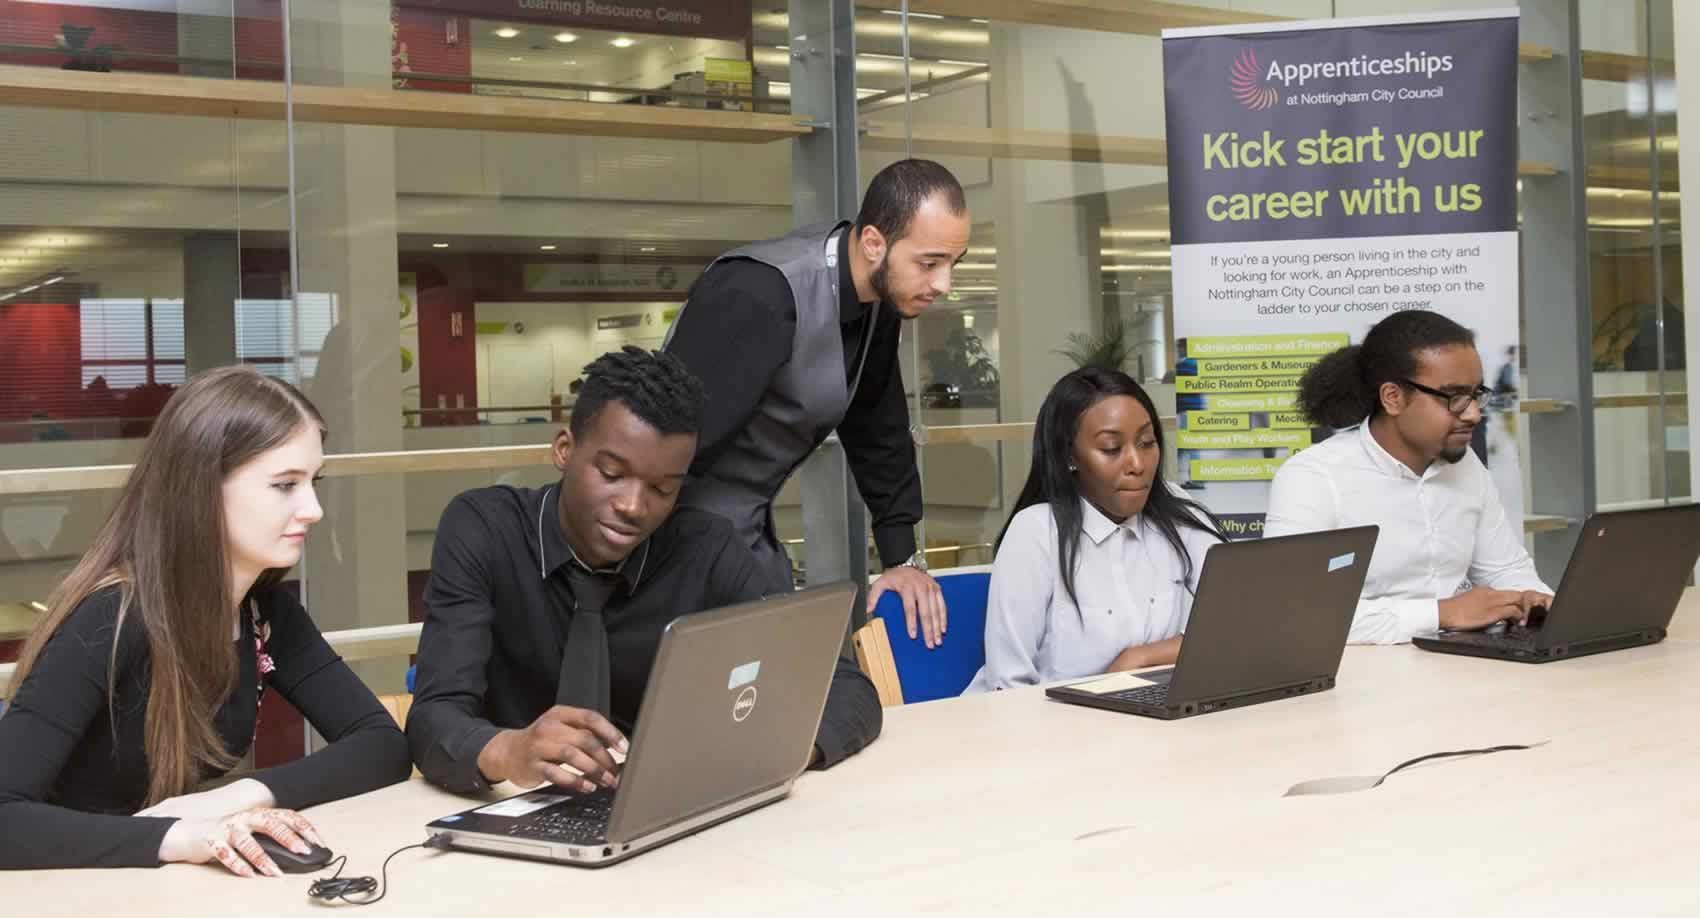 apprenticeships in Nottingham